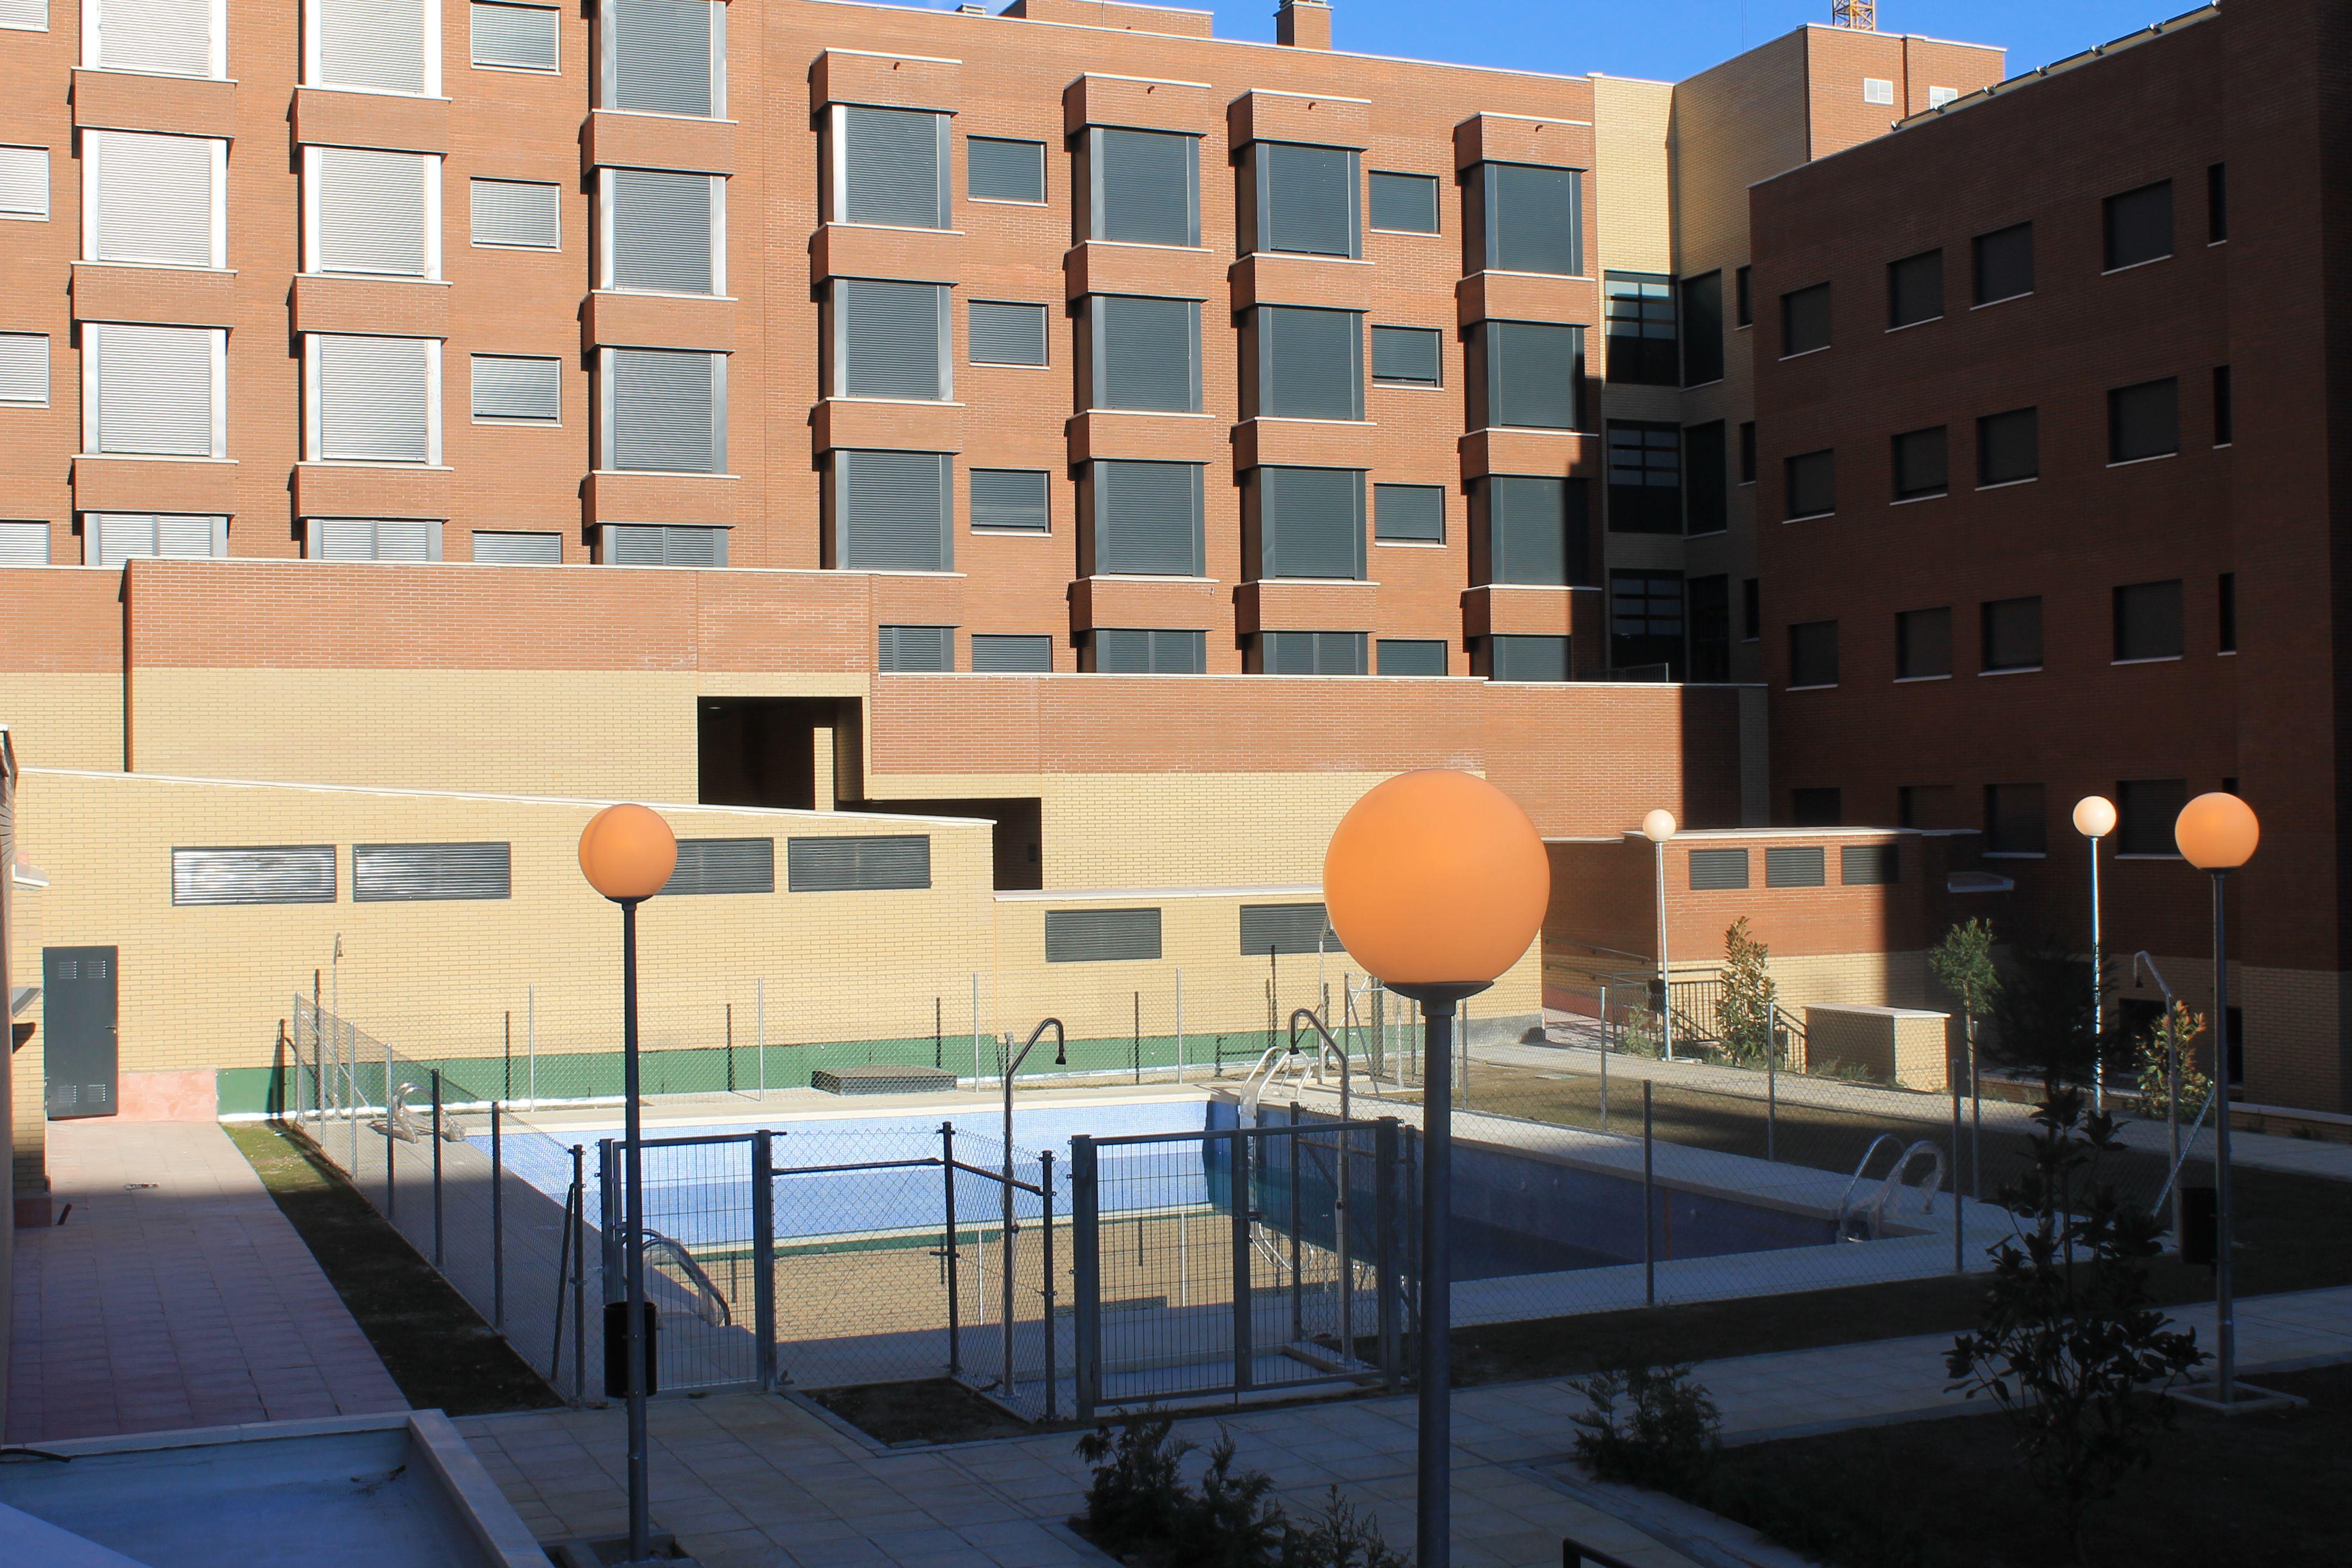 Proyecto viviendas en Getafe, Buenavista